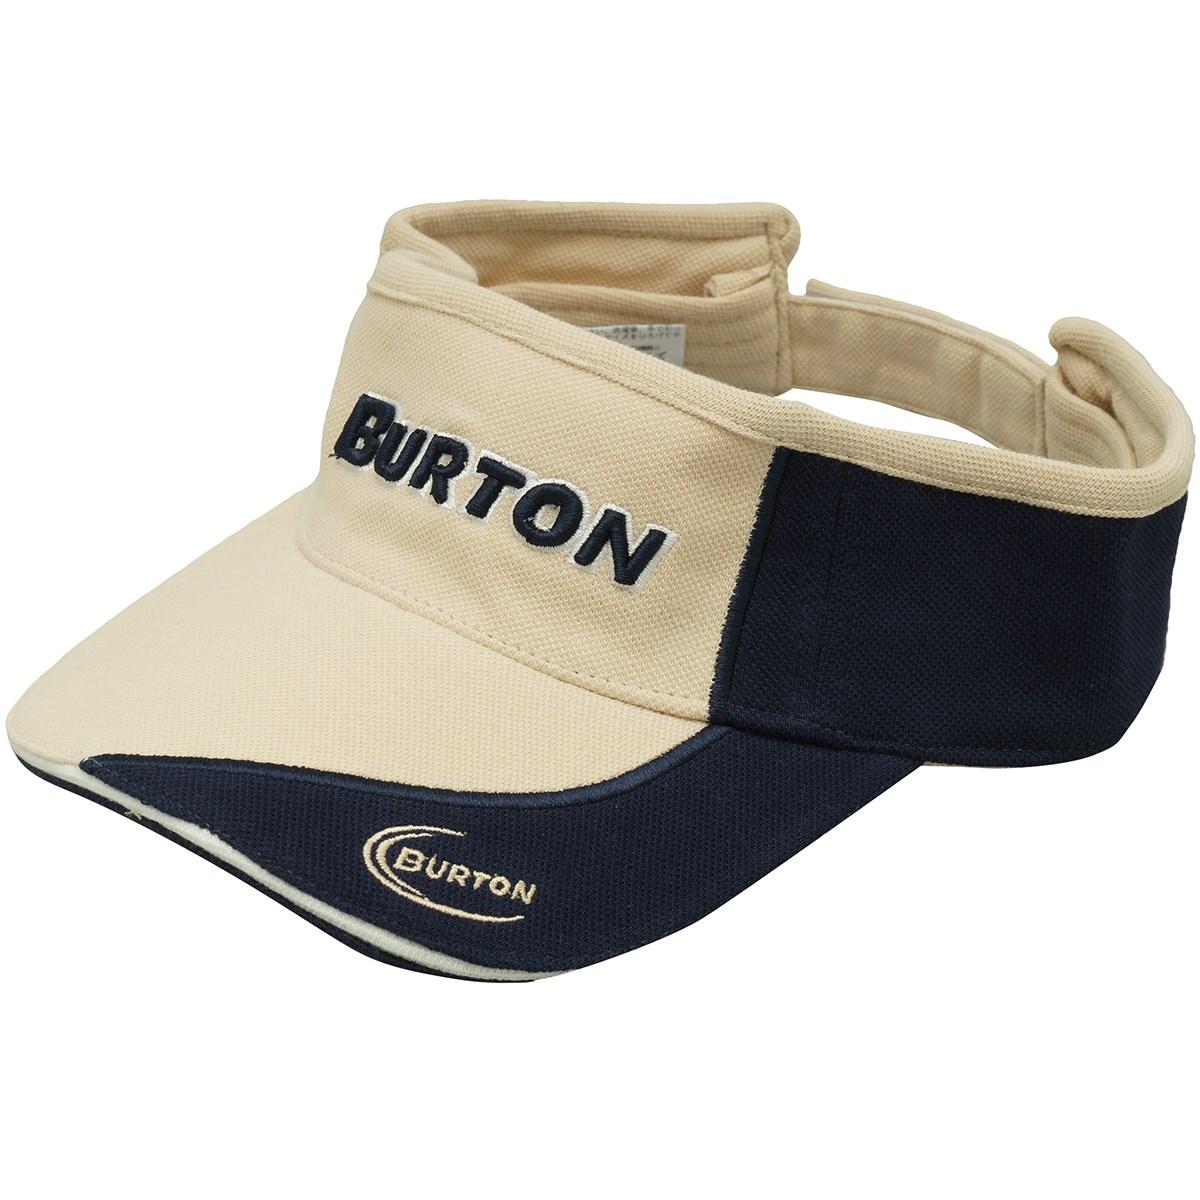 バートン(BURTON) バートンゴルフ サンバイザー HB002